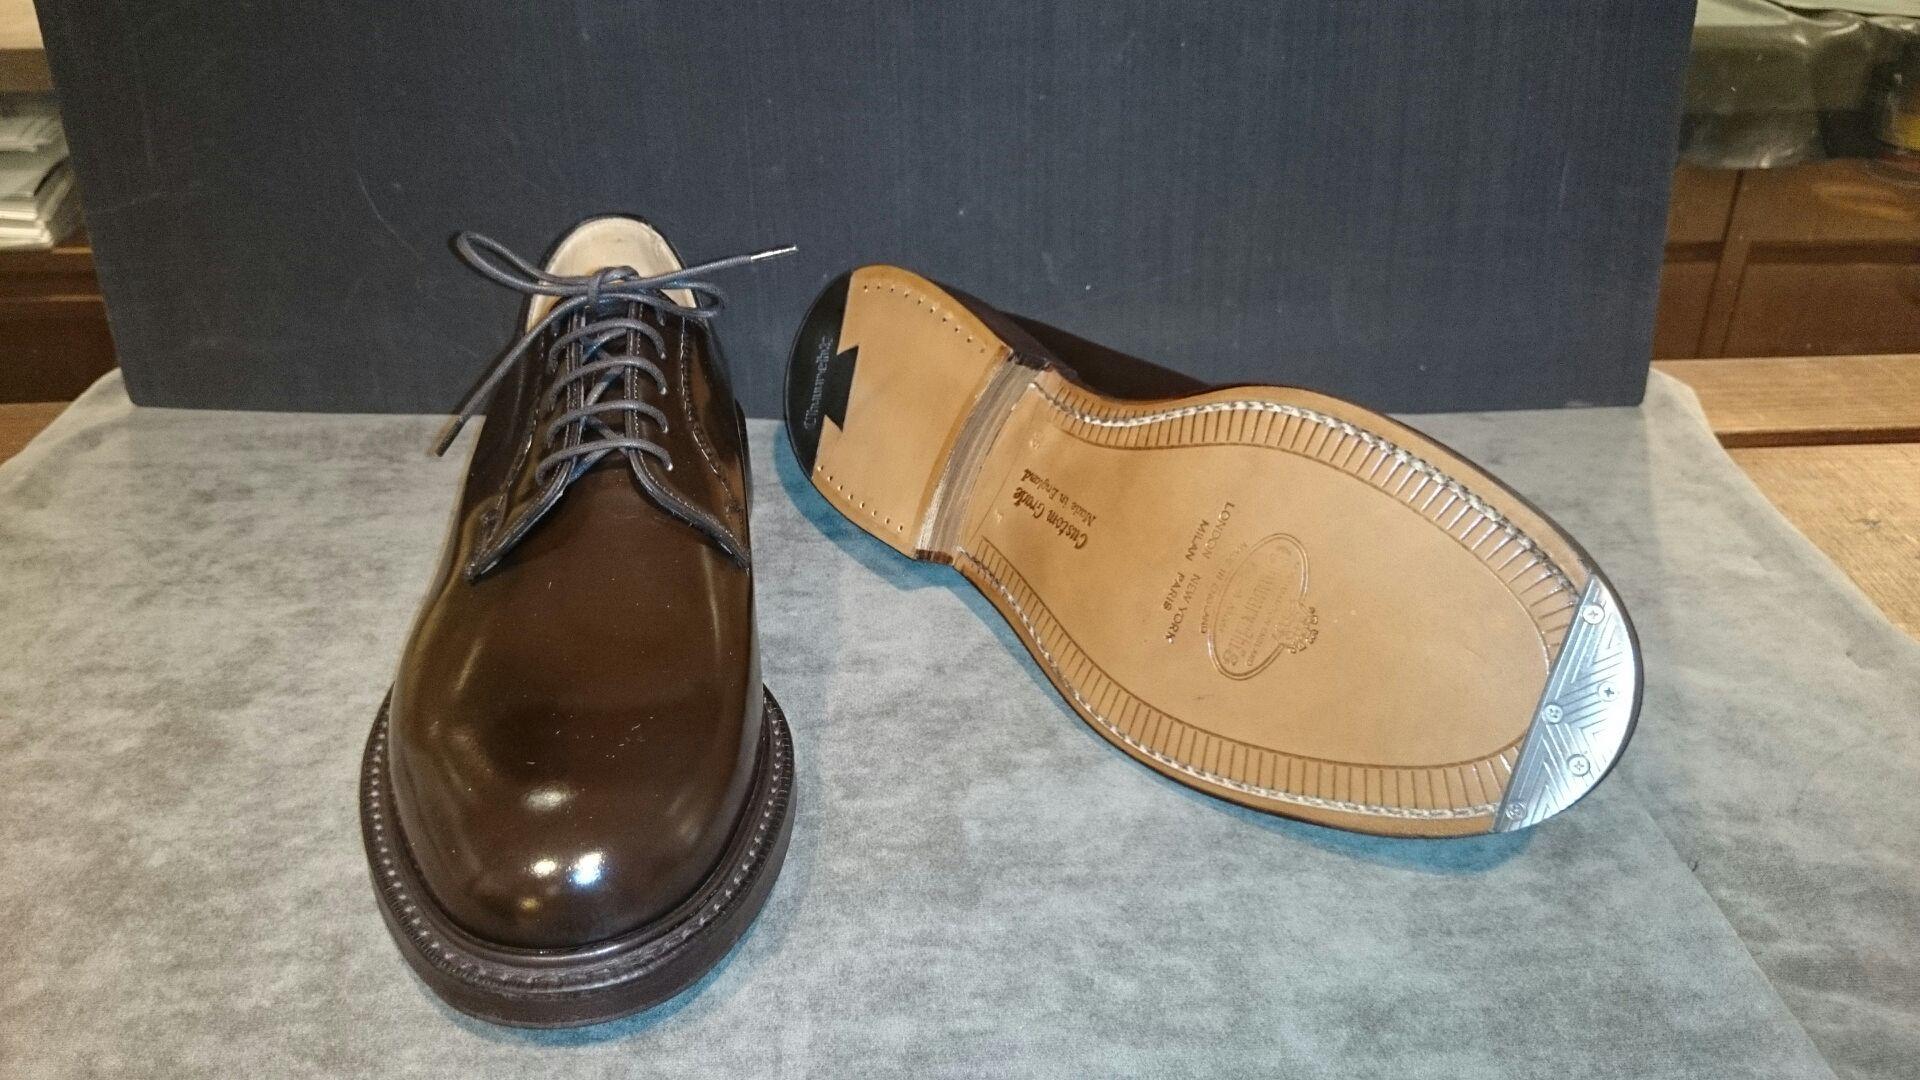 【ヴィンテージスチール修理】¥4,200~ つま先の減り防止の為、新品時に取付けすることが一般的ですが、多少履きこんでいても取り付けることは可能です。しかし靴の